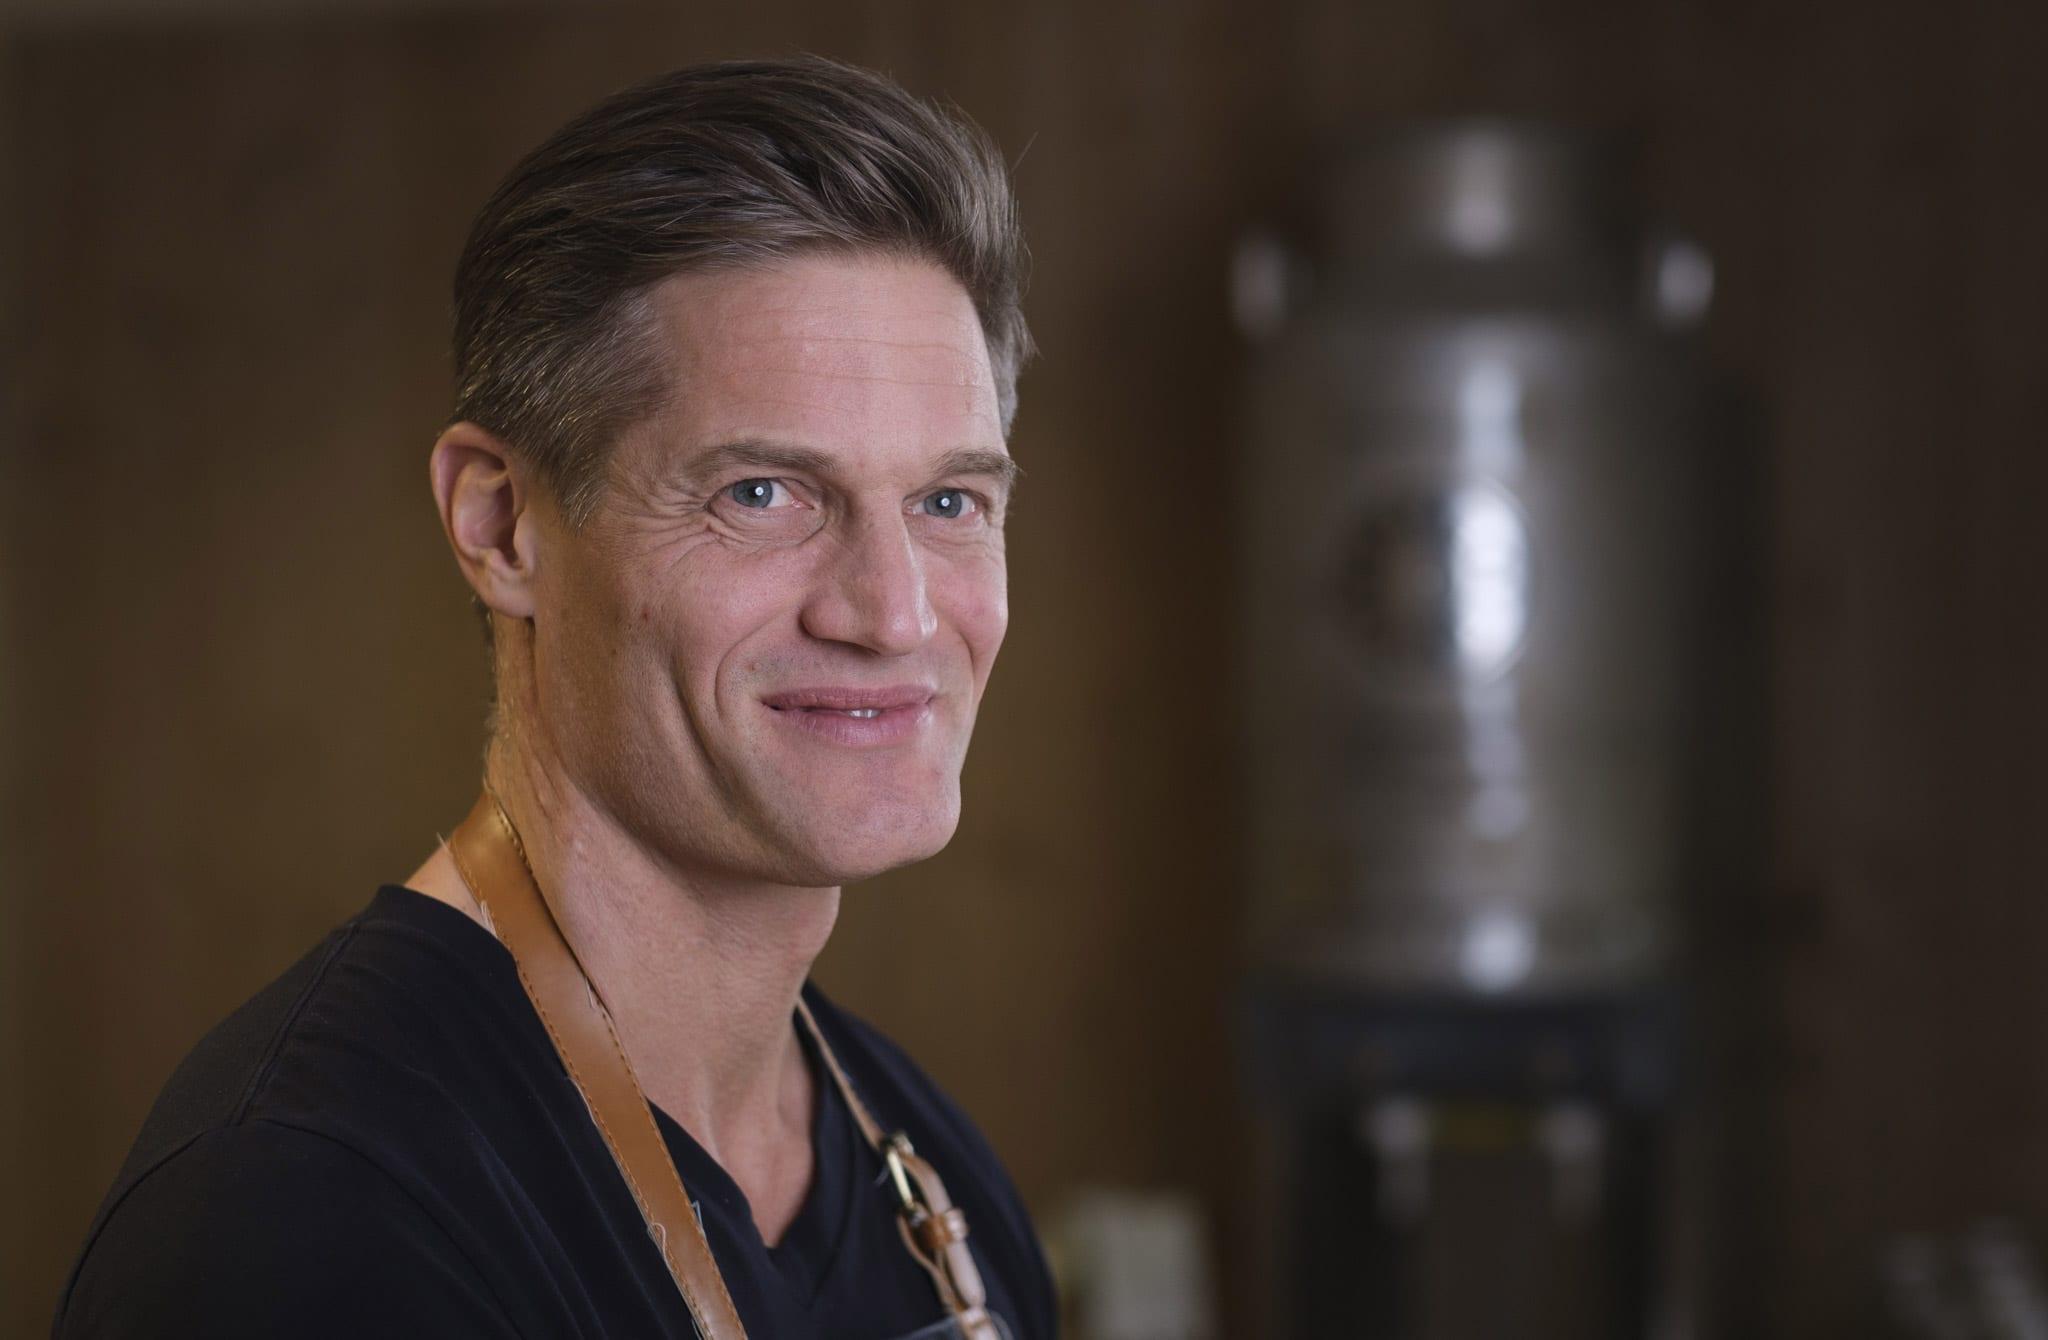 Lars-Eric Granqvist